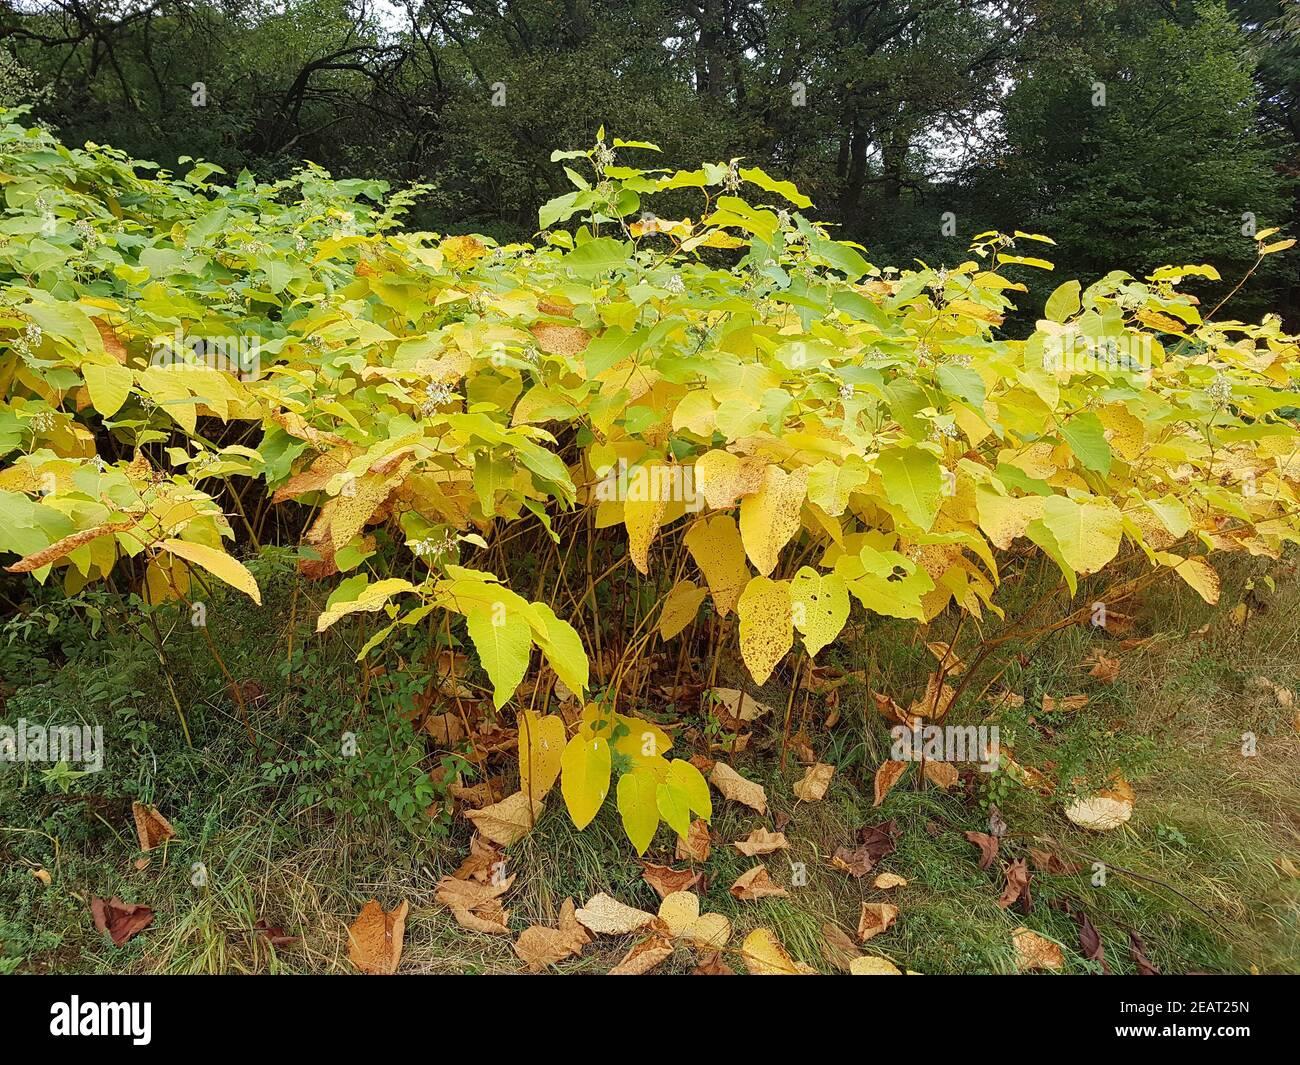 Japanischer, Knoeterich, Fallopia, japonica, Herbst Stock Photo